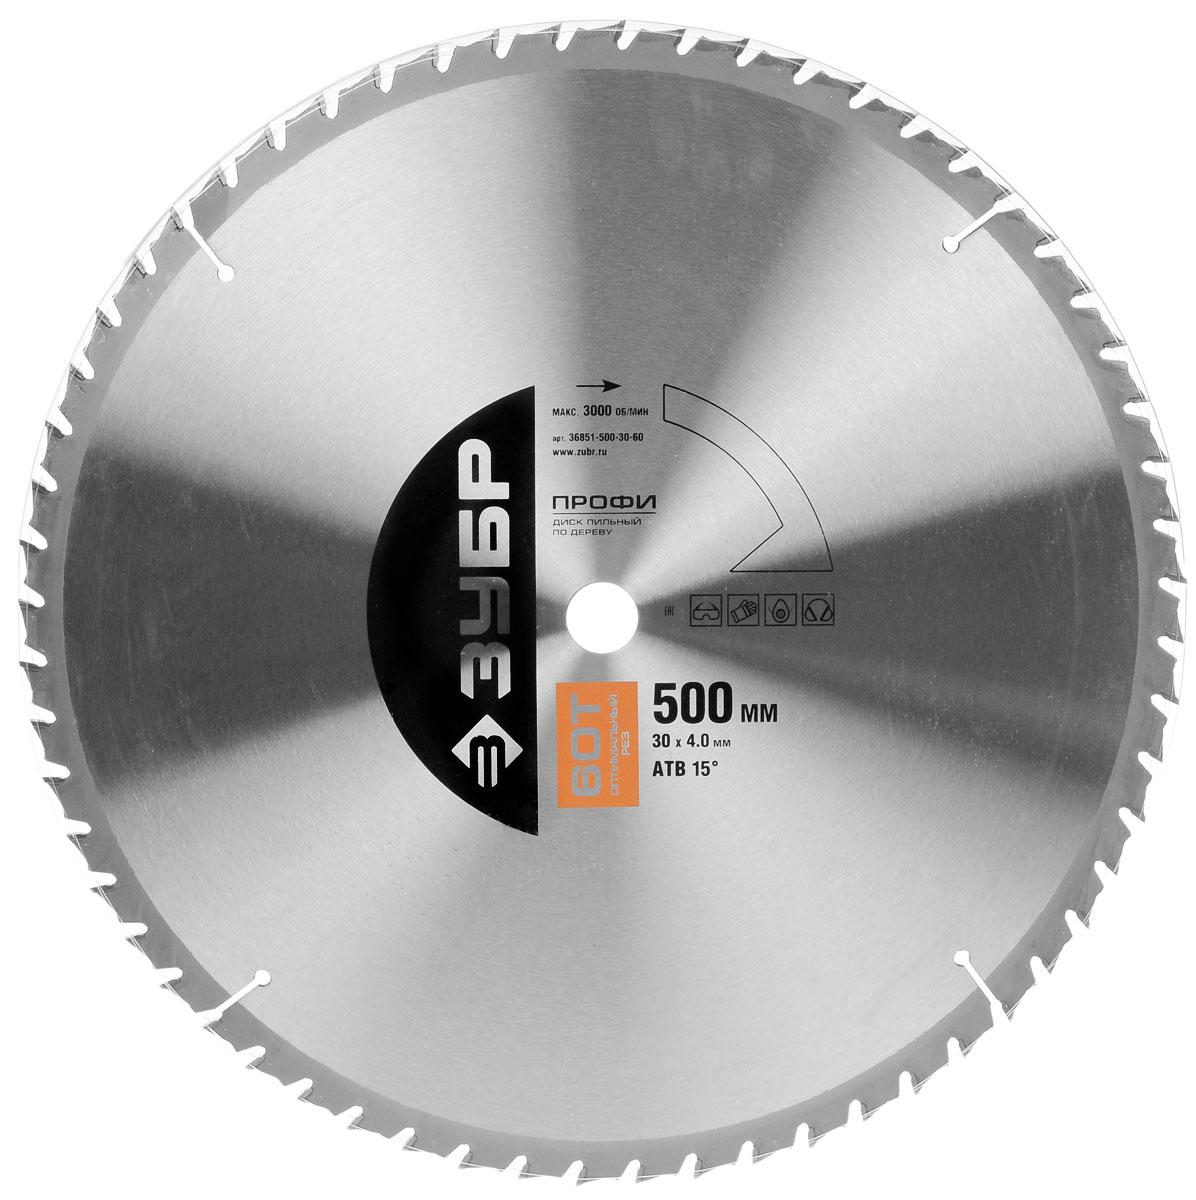 Диск пильный ЗУБР Оптимальный рез, по дереву, 30 х 4 мм, диаметр 50 см36851-500-30-60Пильный диск ЗУБР Оптимальный рез оптимально подходит для чистых пропилов в твердой и мягкой древесине, фанере, неламинированных ДСП, ДВП и МДФ, а также строительном брусе. Тип зуба - АТВ: зубья с разносторонним углом наклона главной задней поверхности. Переменный зуб. Особенности диска: Высокая степень очистки твердого сплава от примесей повышает износостойкость режущих элементов и увеличивает рабочий ресурс. Автоматизированная надежная пайка. Автоматическая трехсторонняя шлифовка зуба. Компьютерная балансировка диска. Компенсационные прорези исключают внутреннее напряжение и деформацию диска, возникающую при его перегреве во время эксплуатации. Внешний диаметр: 50 см. Посадочный диаметр: 3 см. Максимальная скорость вращения: 3000 об/мин. Количество зубьев: 60 шт. Толщина зуба: 4 мм. Толщина диска: 3 мм.